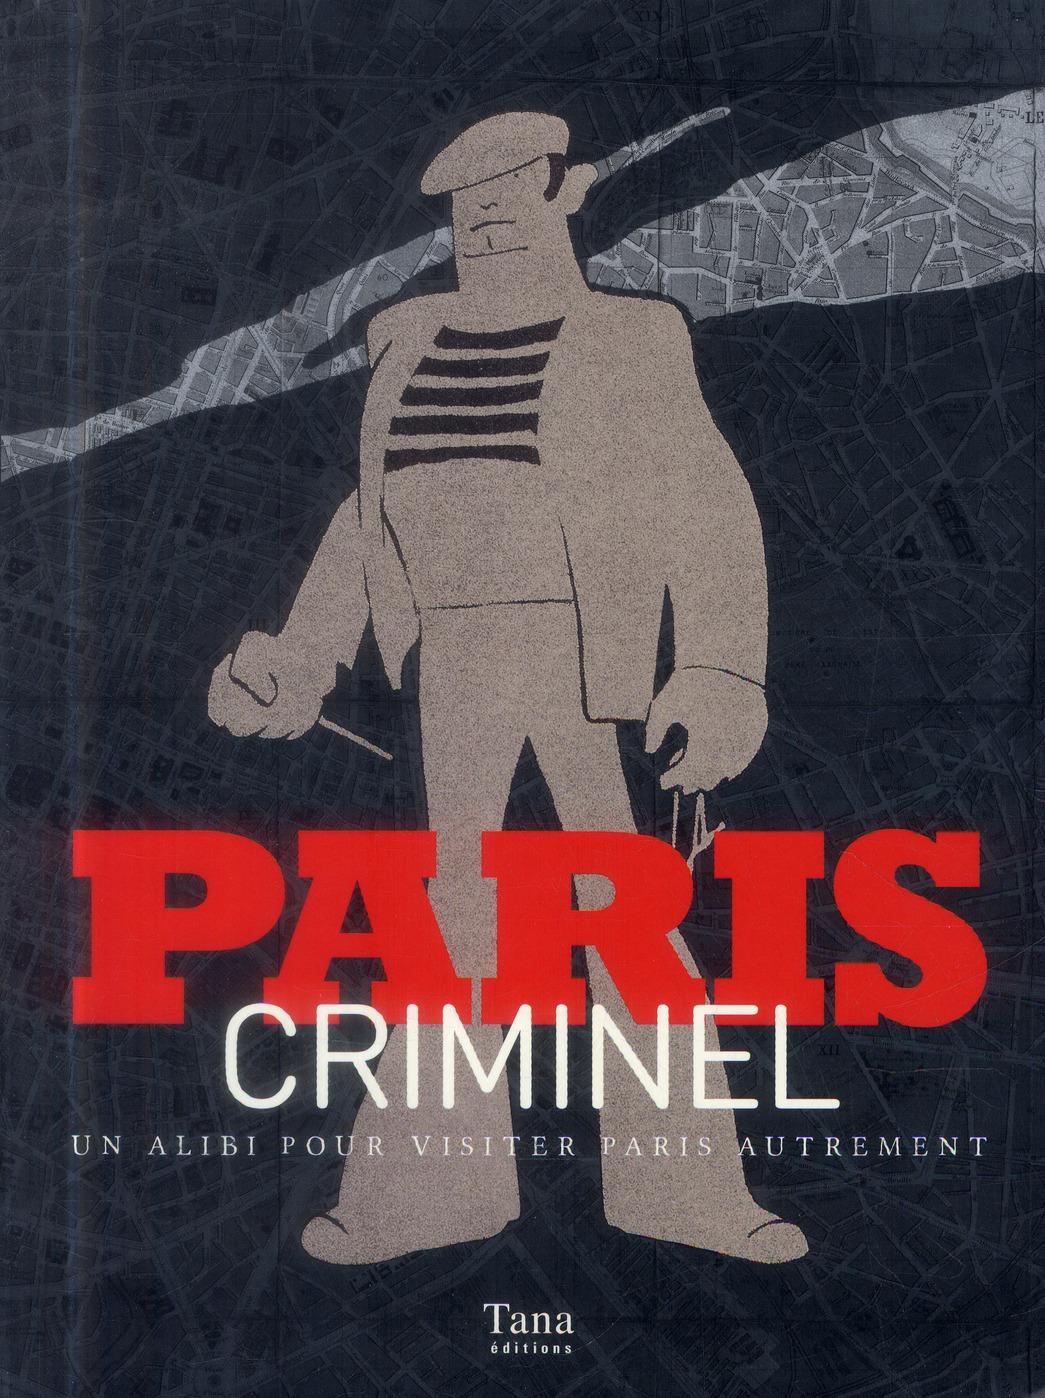 PARIS CRIMINEL